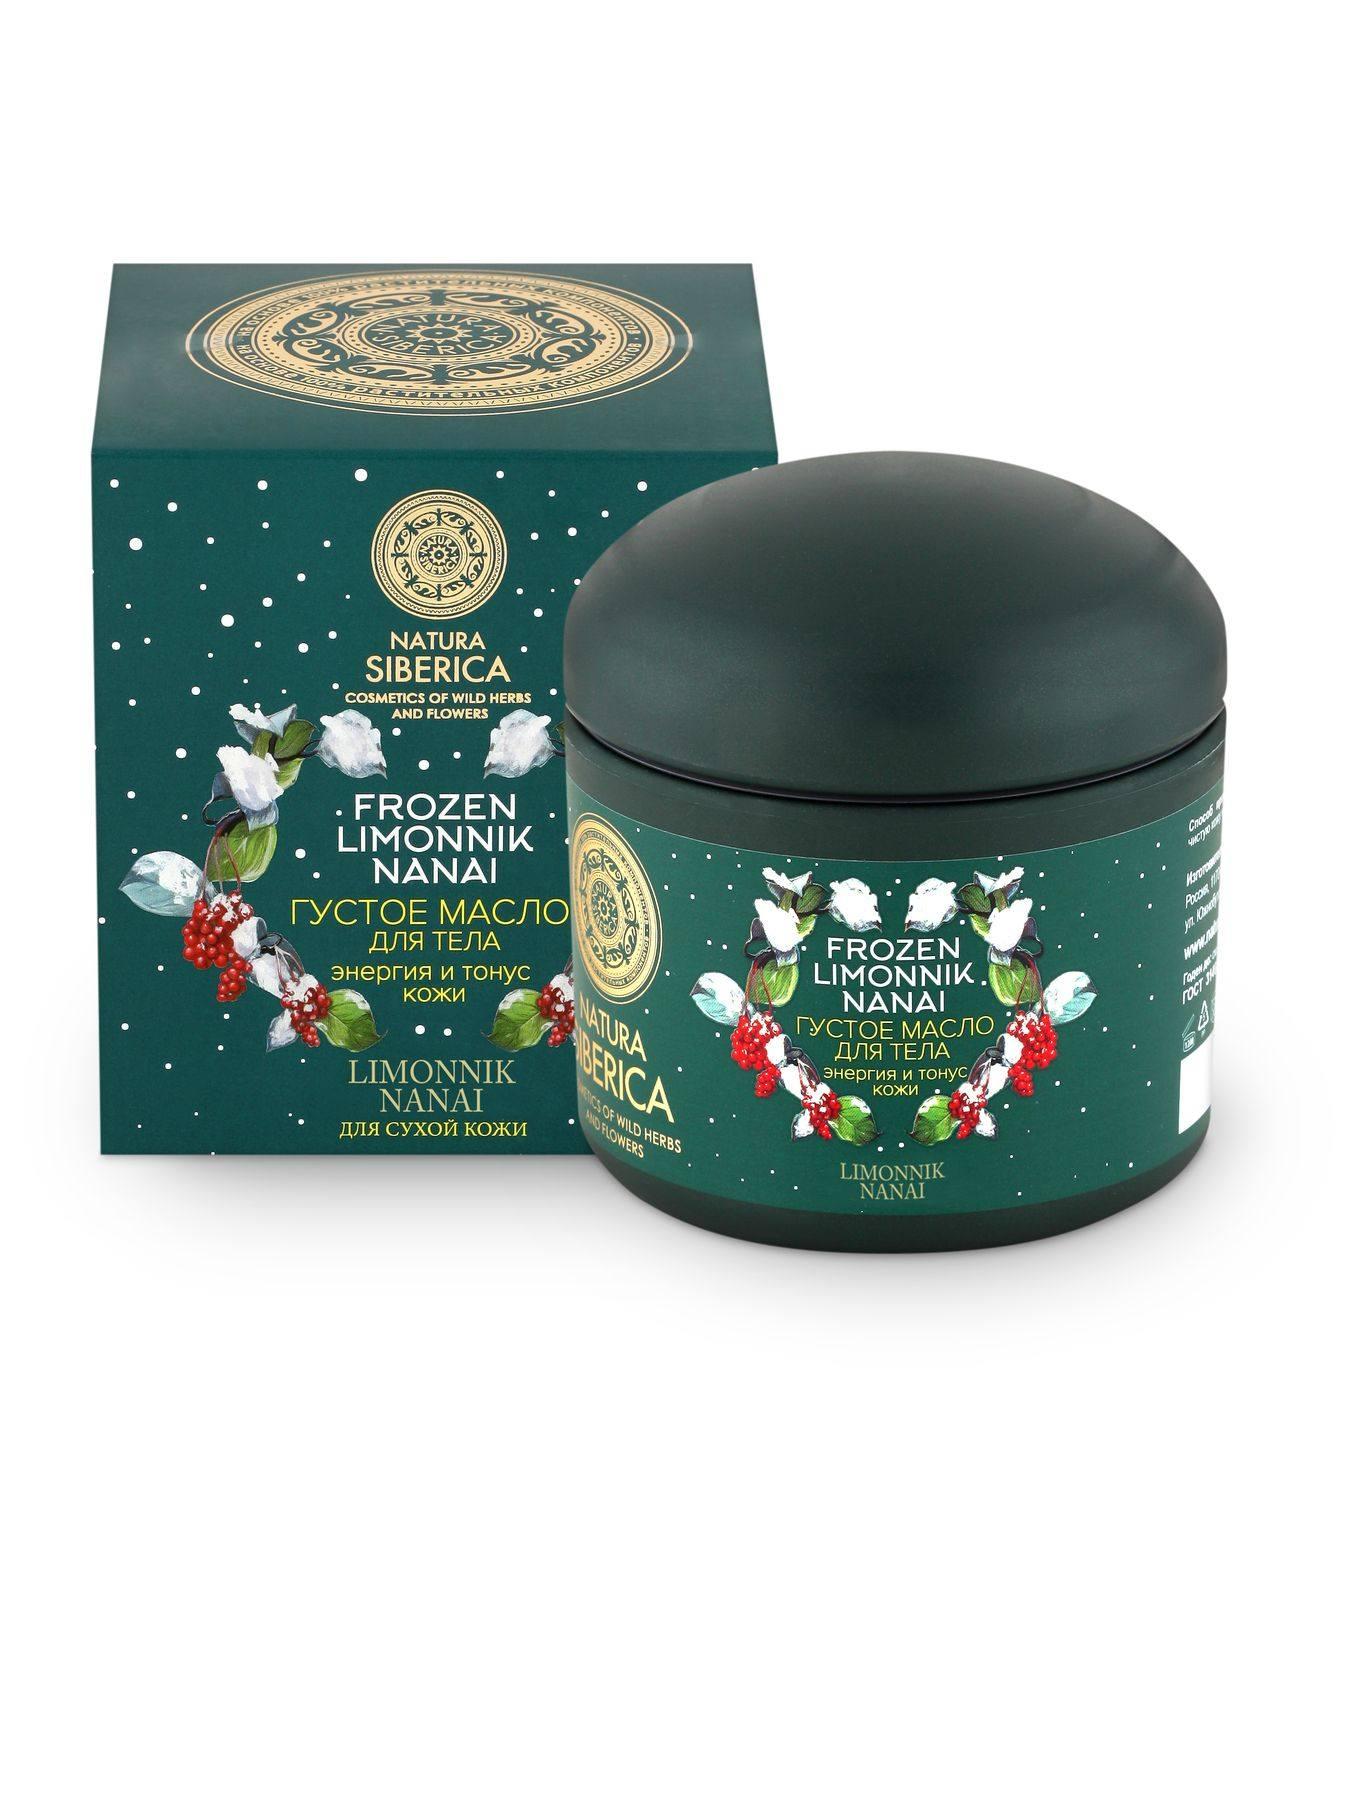 Купить Natura Siberica Frozen limonnik nanai Густое масло для тела «Энергия и тонус кожи», 370 мл (shop: Organic-shops Organic shops)